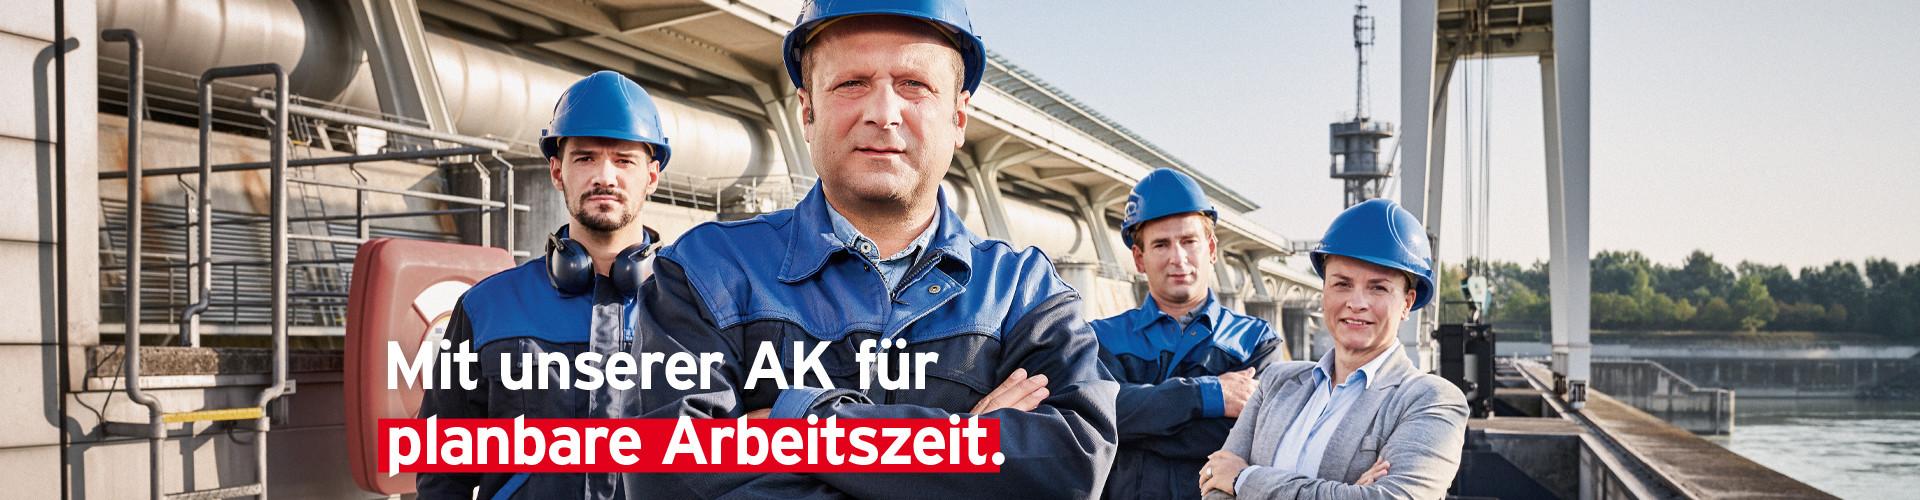 Mit unserer AK für planbare Arbeitszeiten © Robert Staudinger - TBWA, Arbeiterkammer